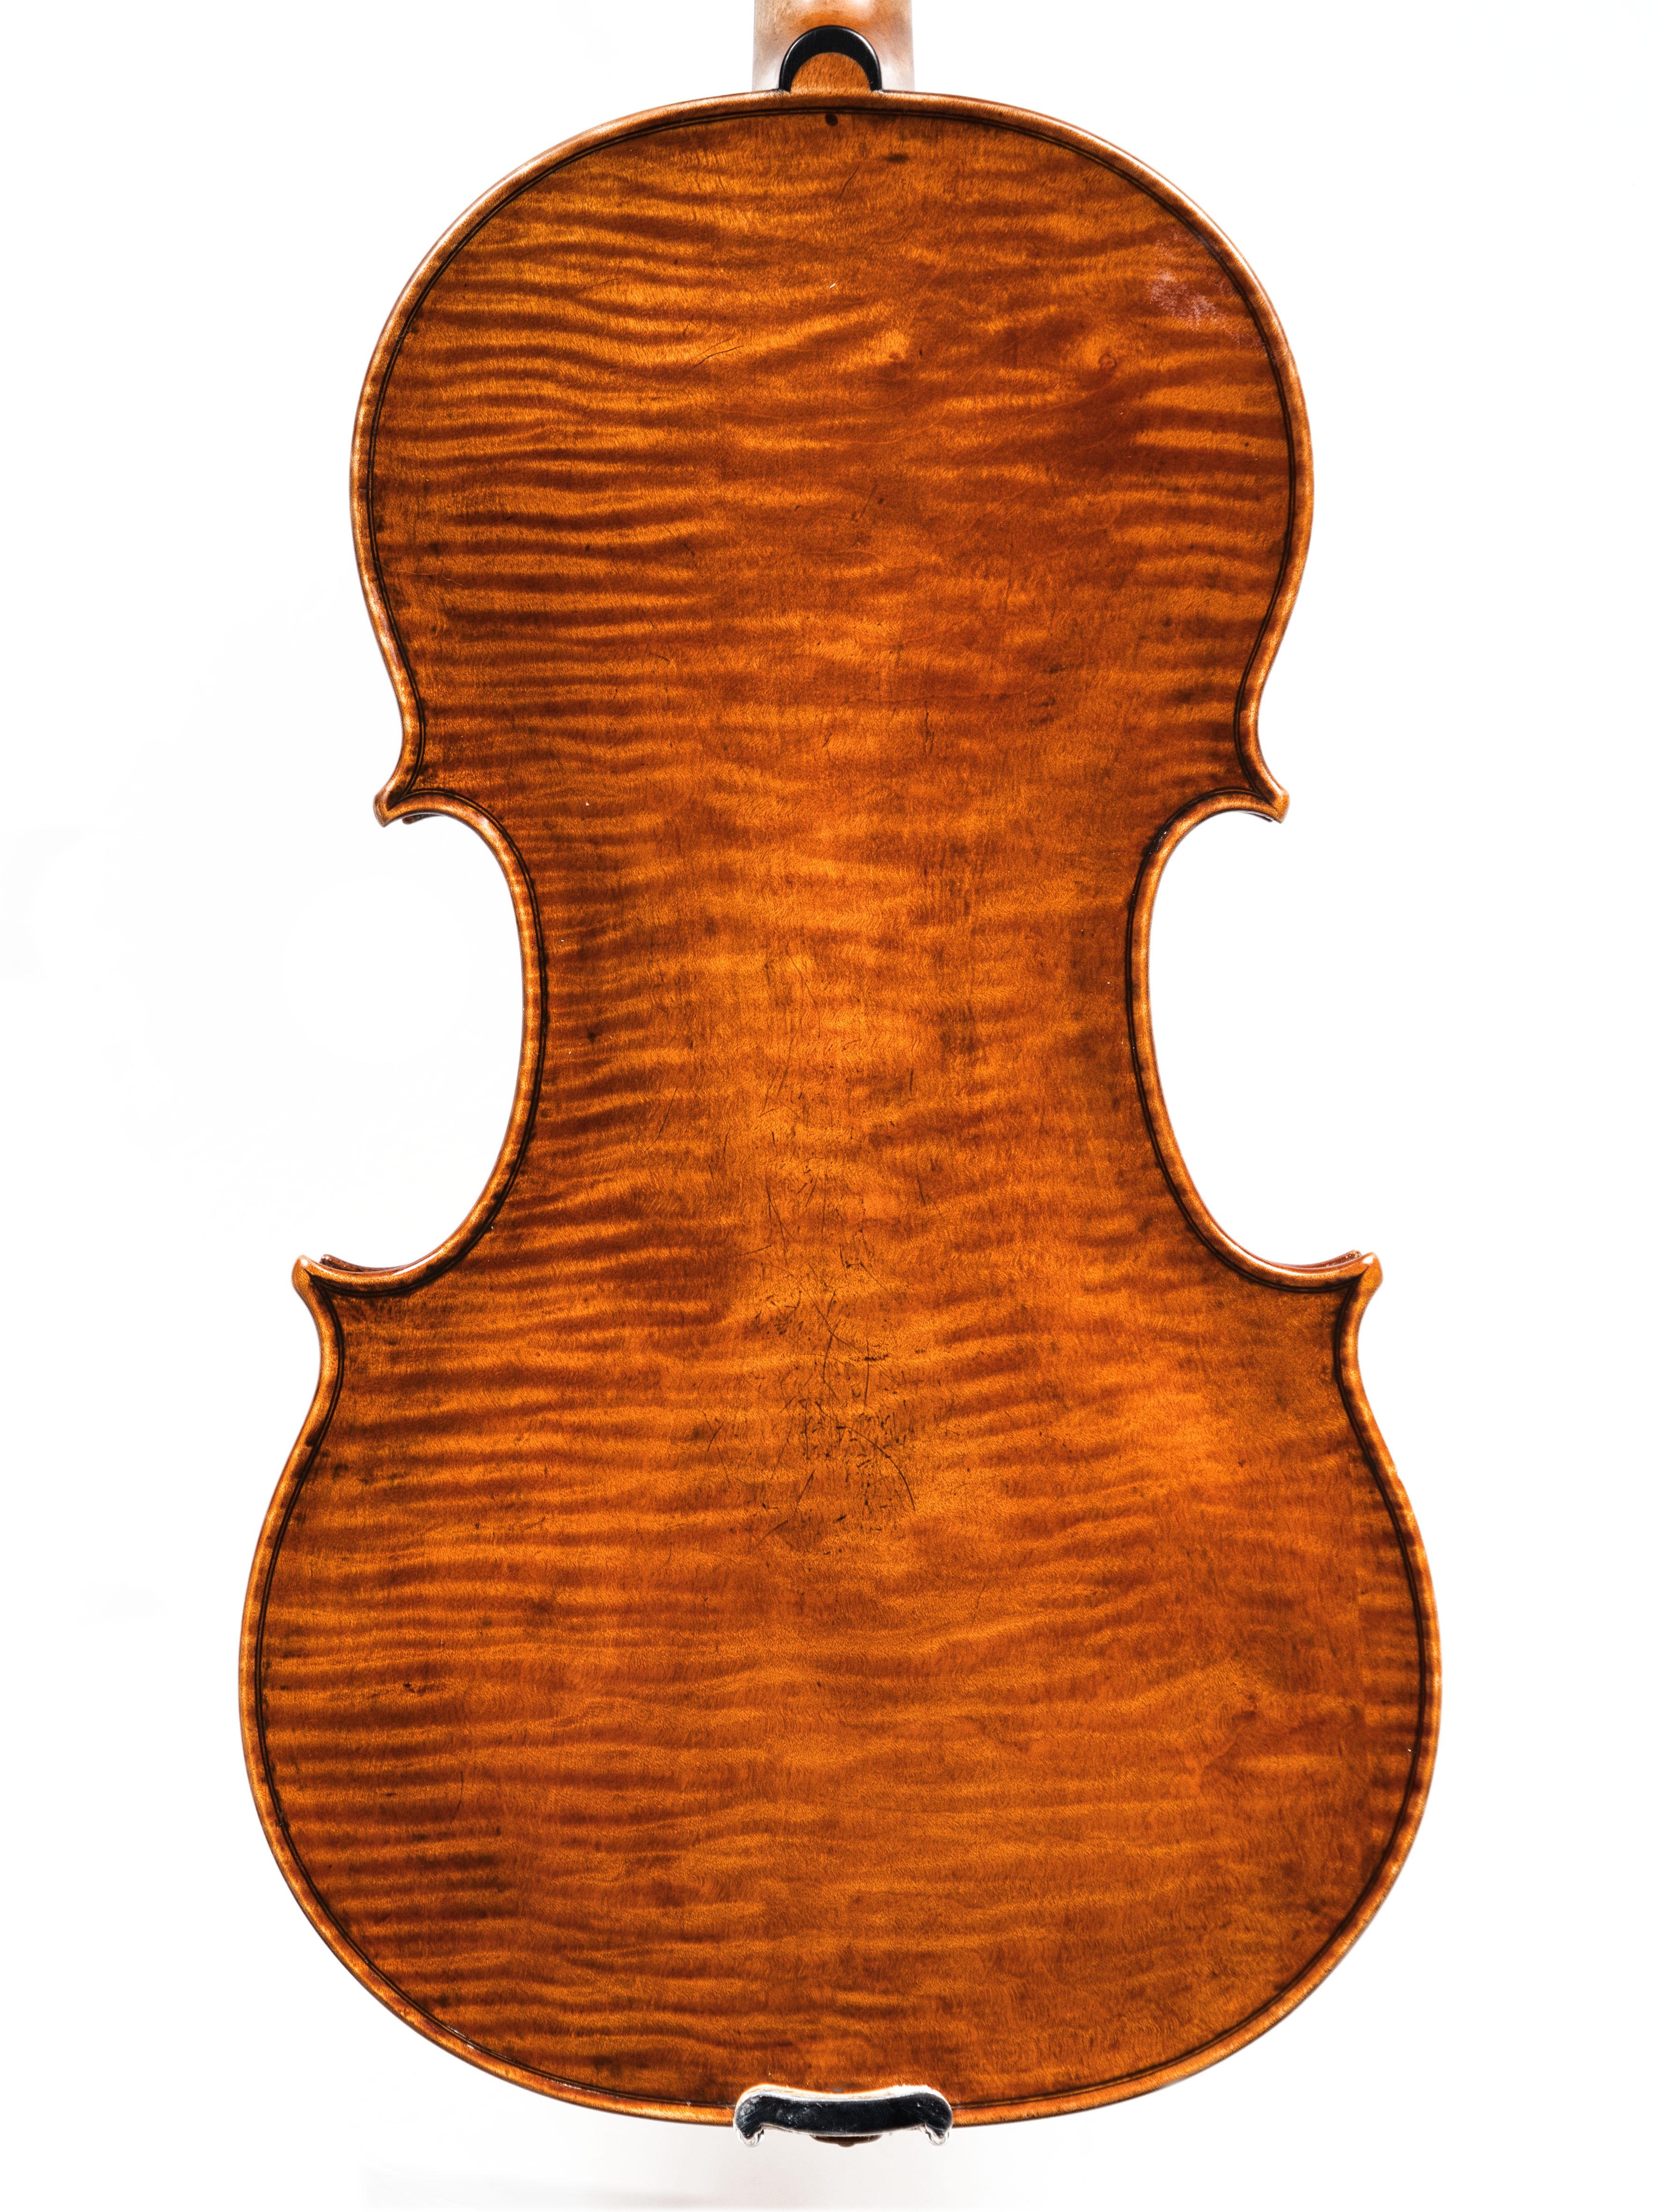 viola uk